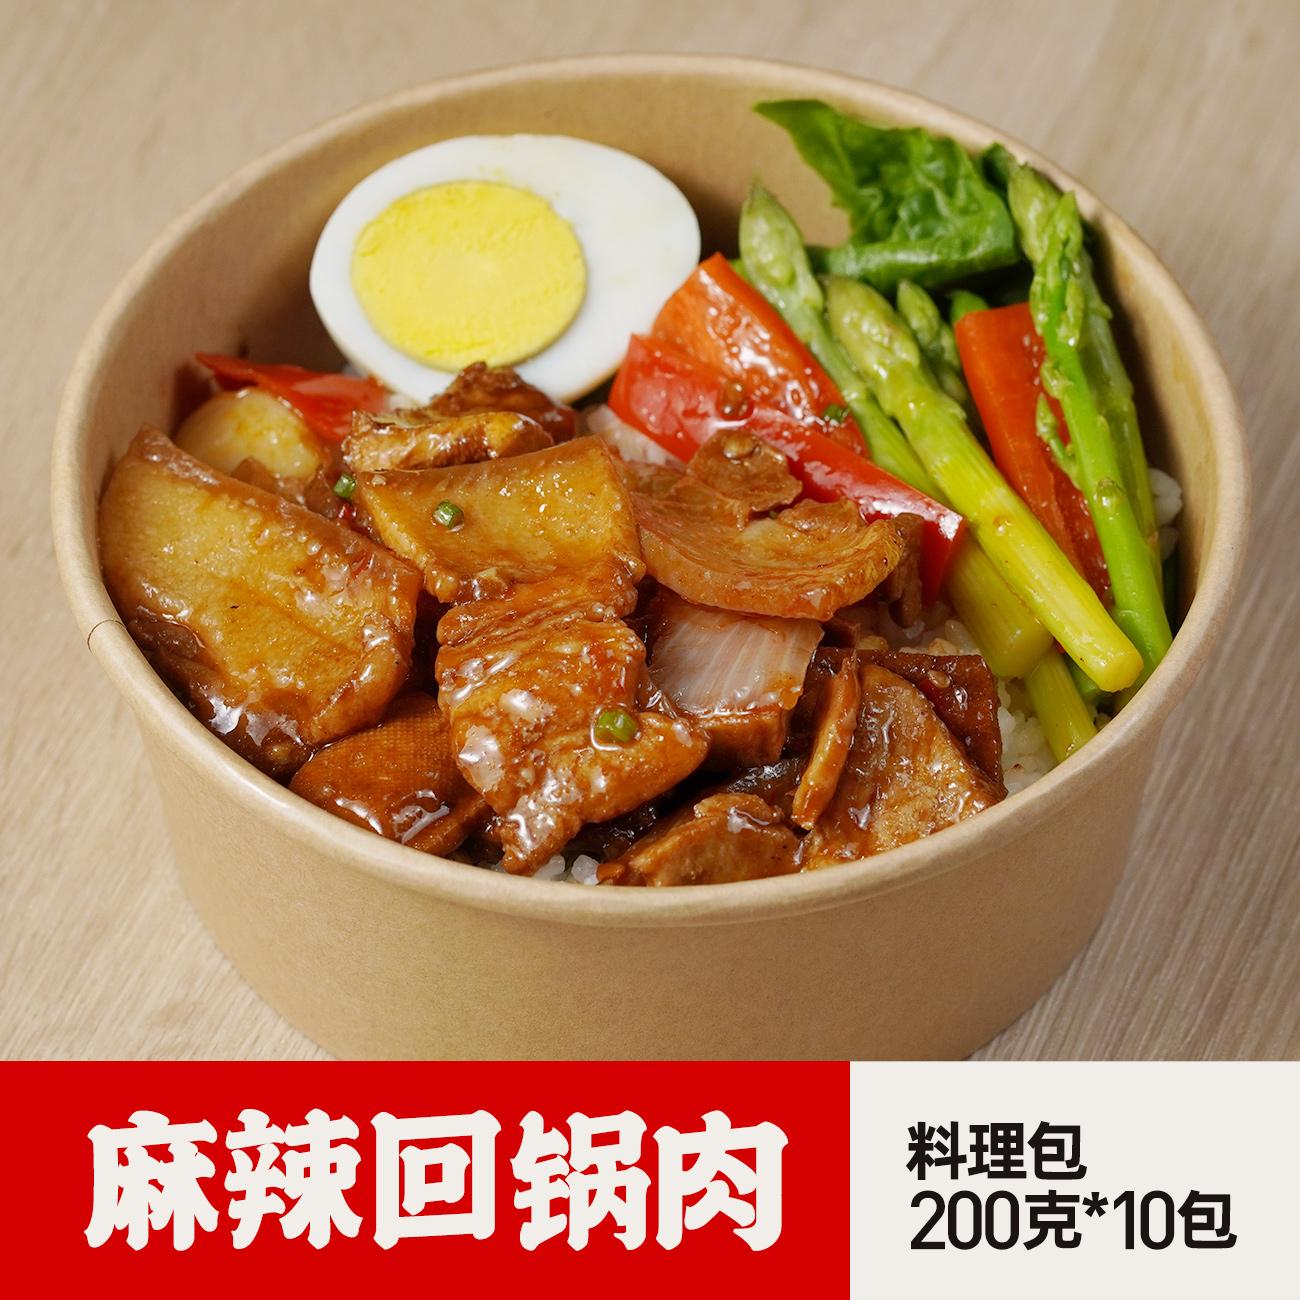 菜洋洋麻辣回锅肉200g10包 冷冻半成品菜盖浇饭料理包快餐满包邮